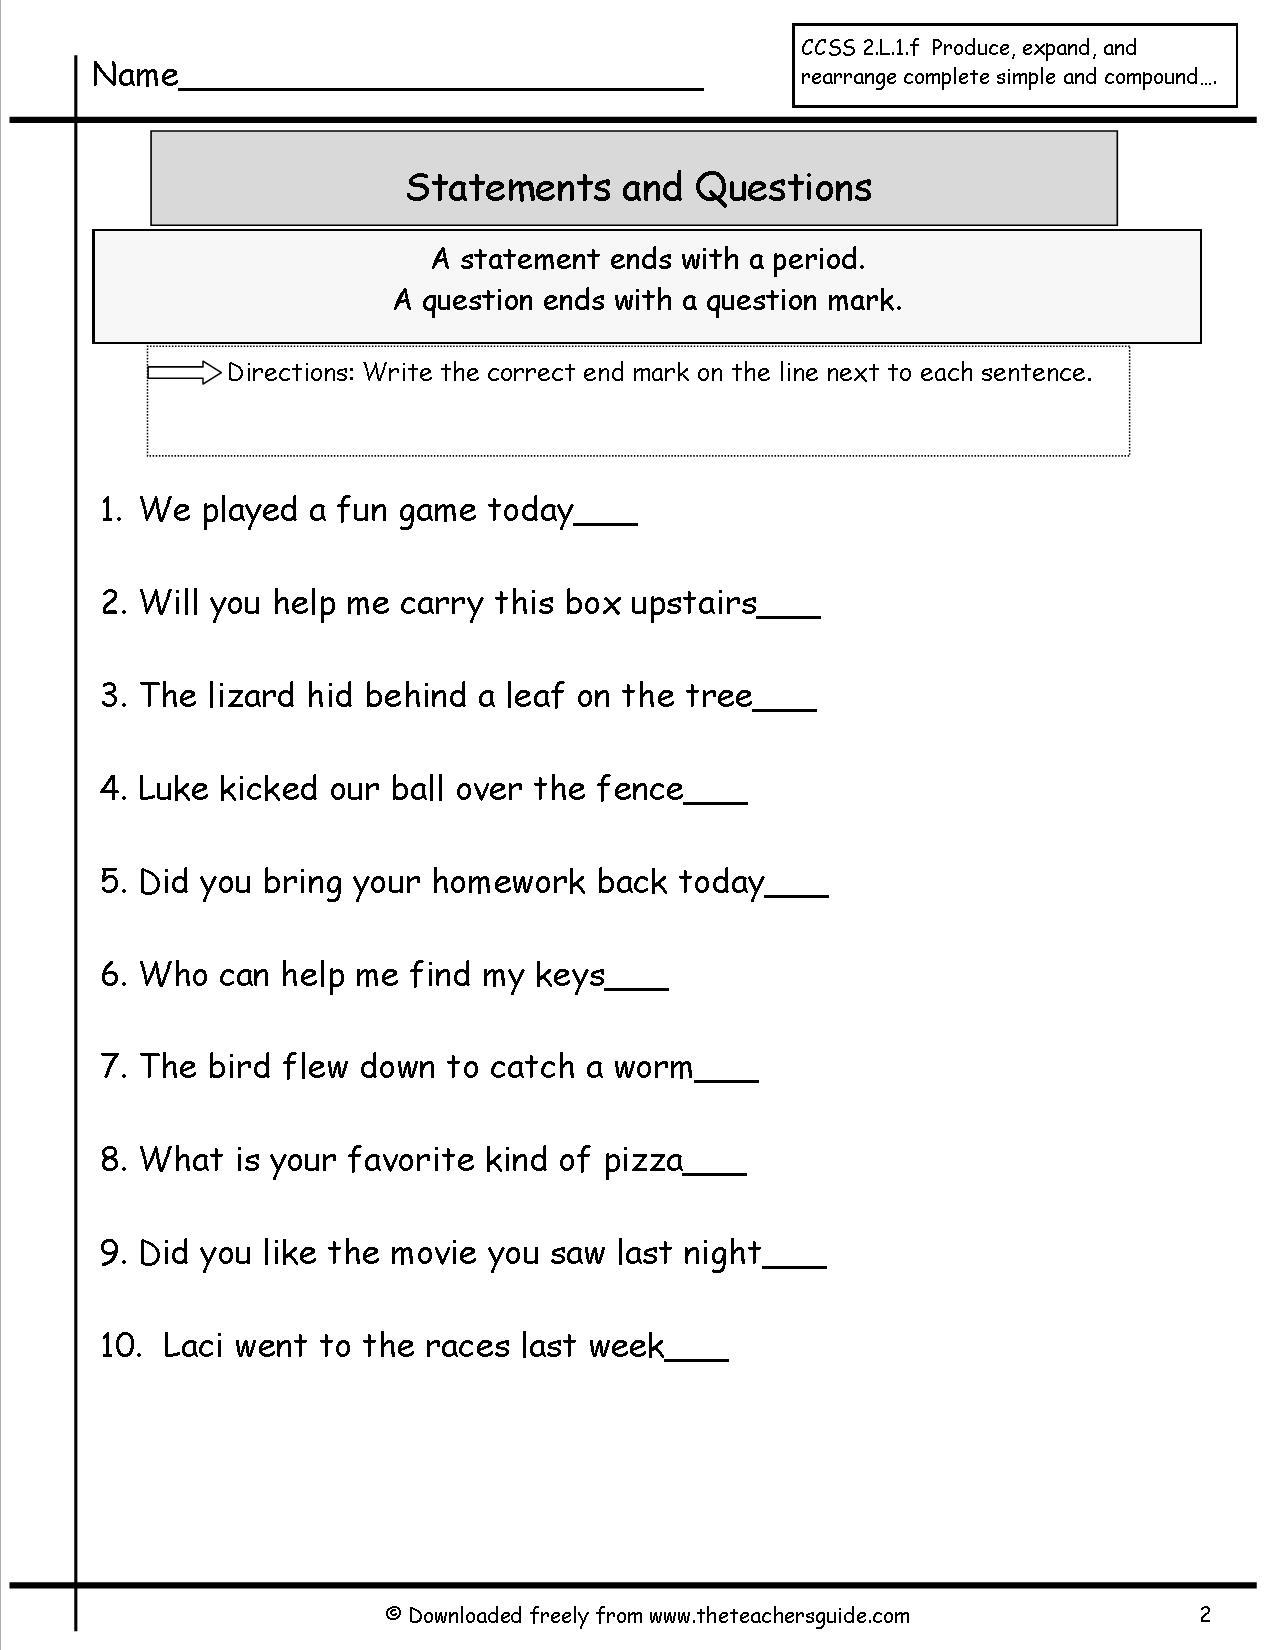 15 Best Images Of 2nd Grade Sentence Correction Worksheets